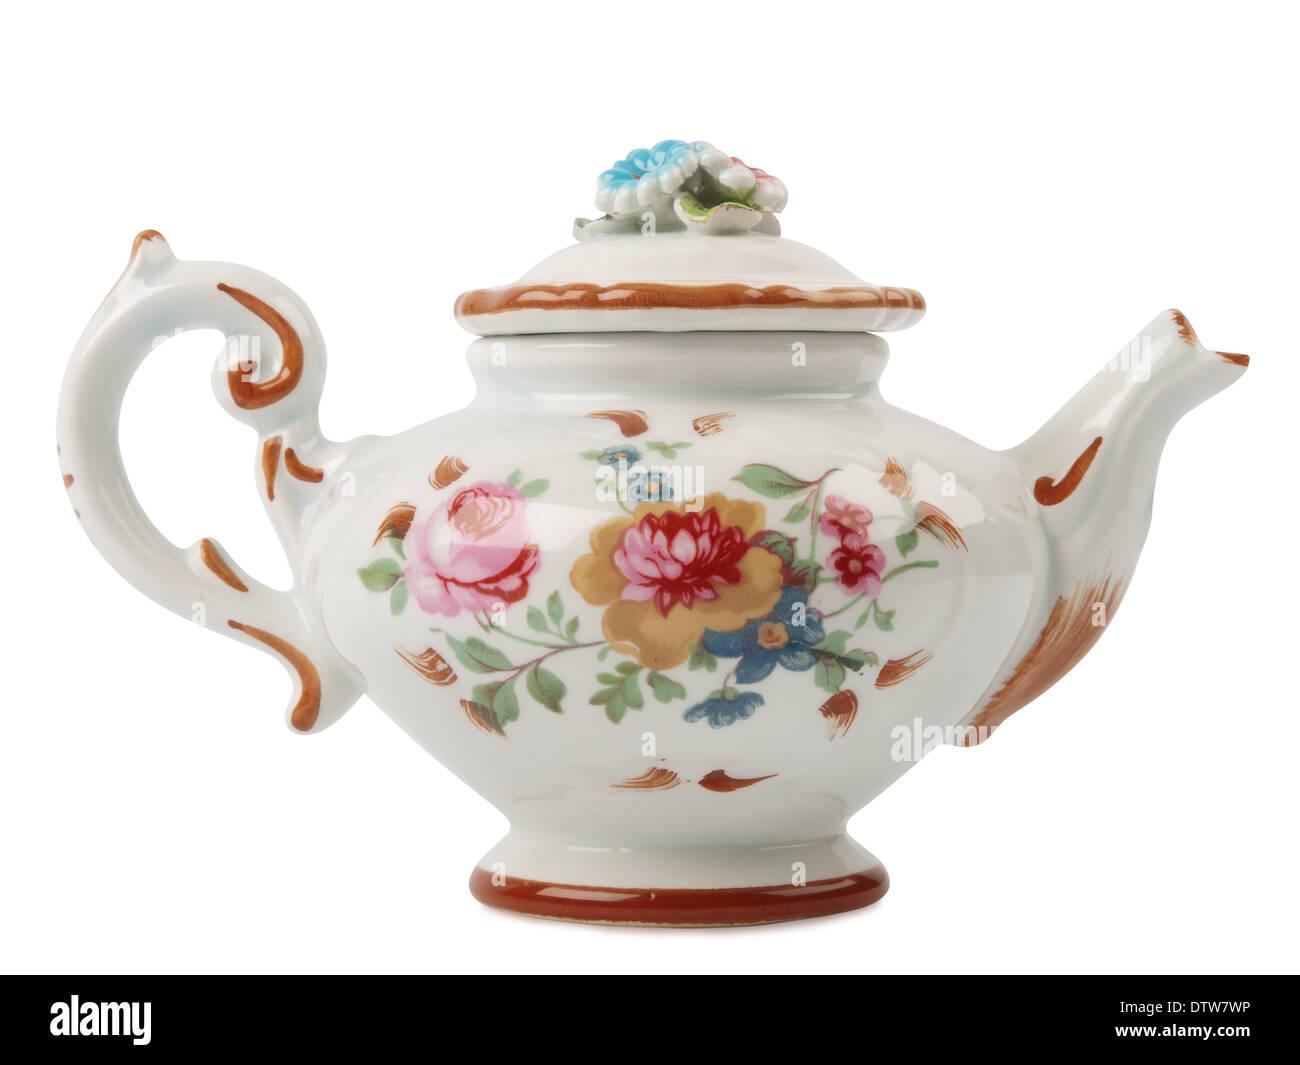 ceramic tea pot isolated on white background - Stock Image